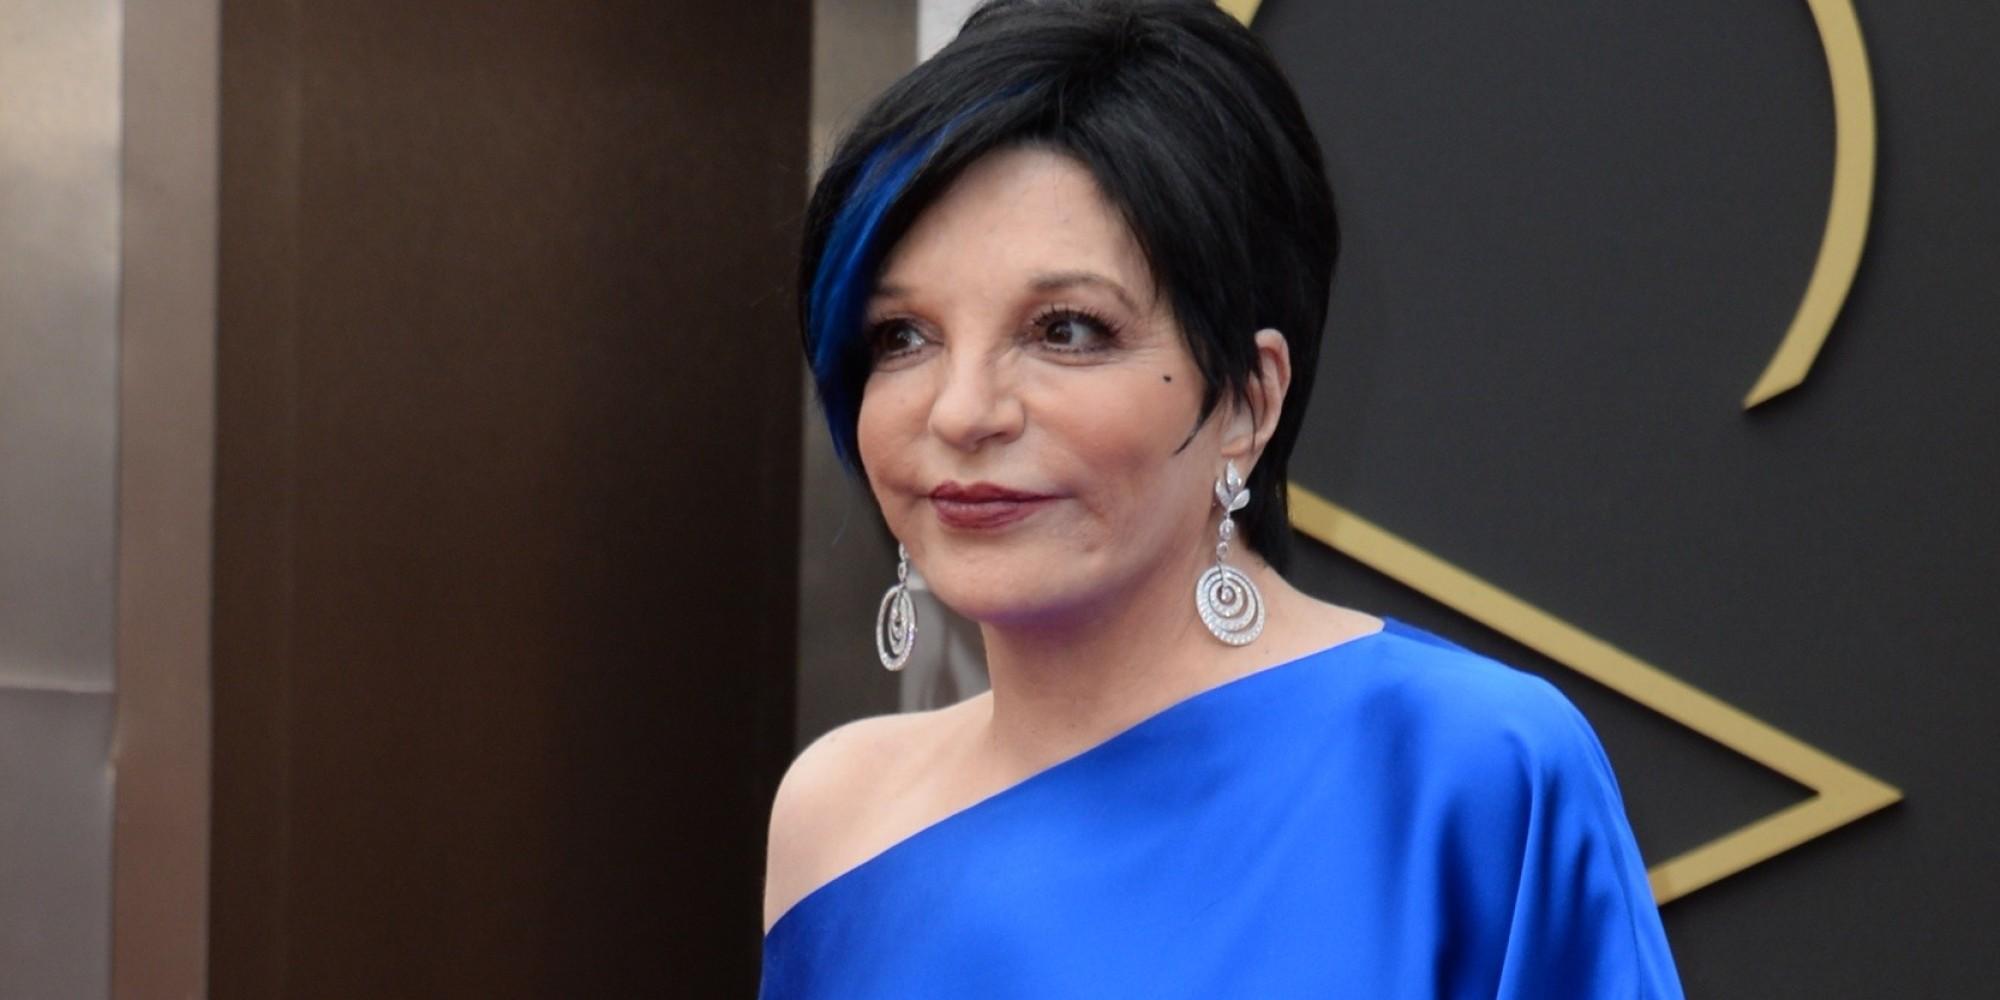 Liza Minnelli Oscars 2014: Blue Dress, Blue Hair, All Glam (PHOTOS)